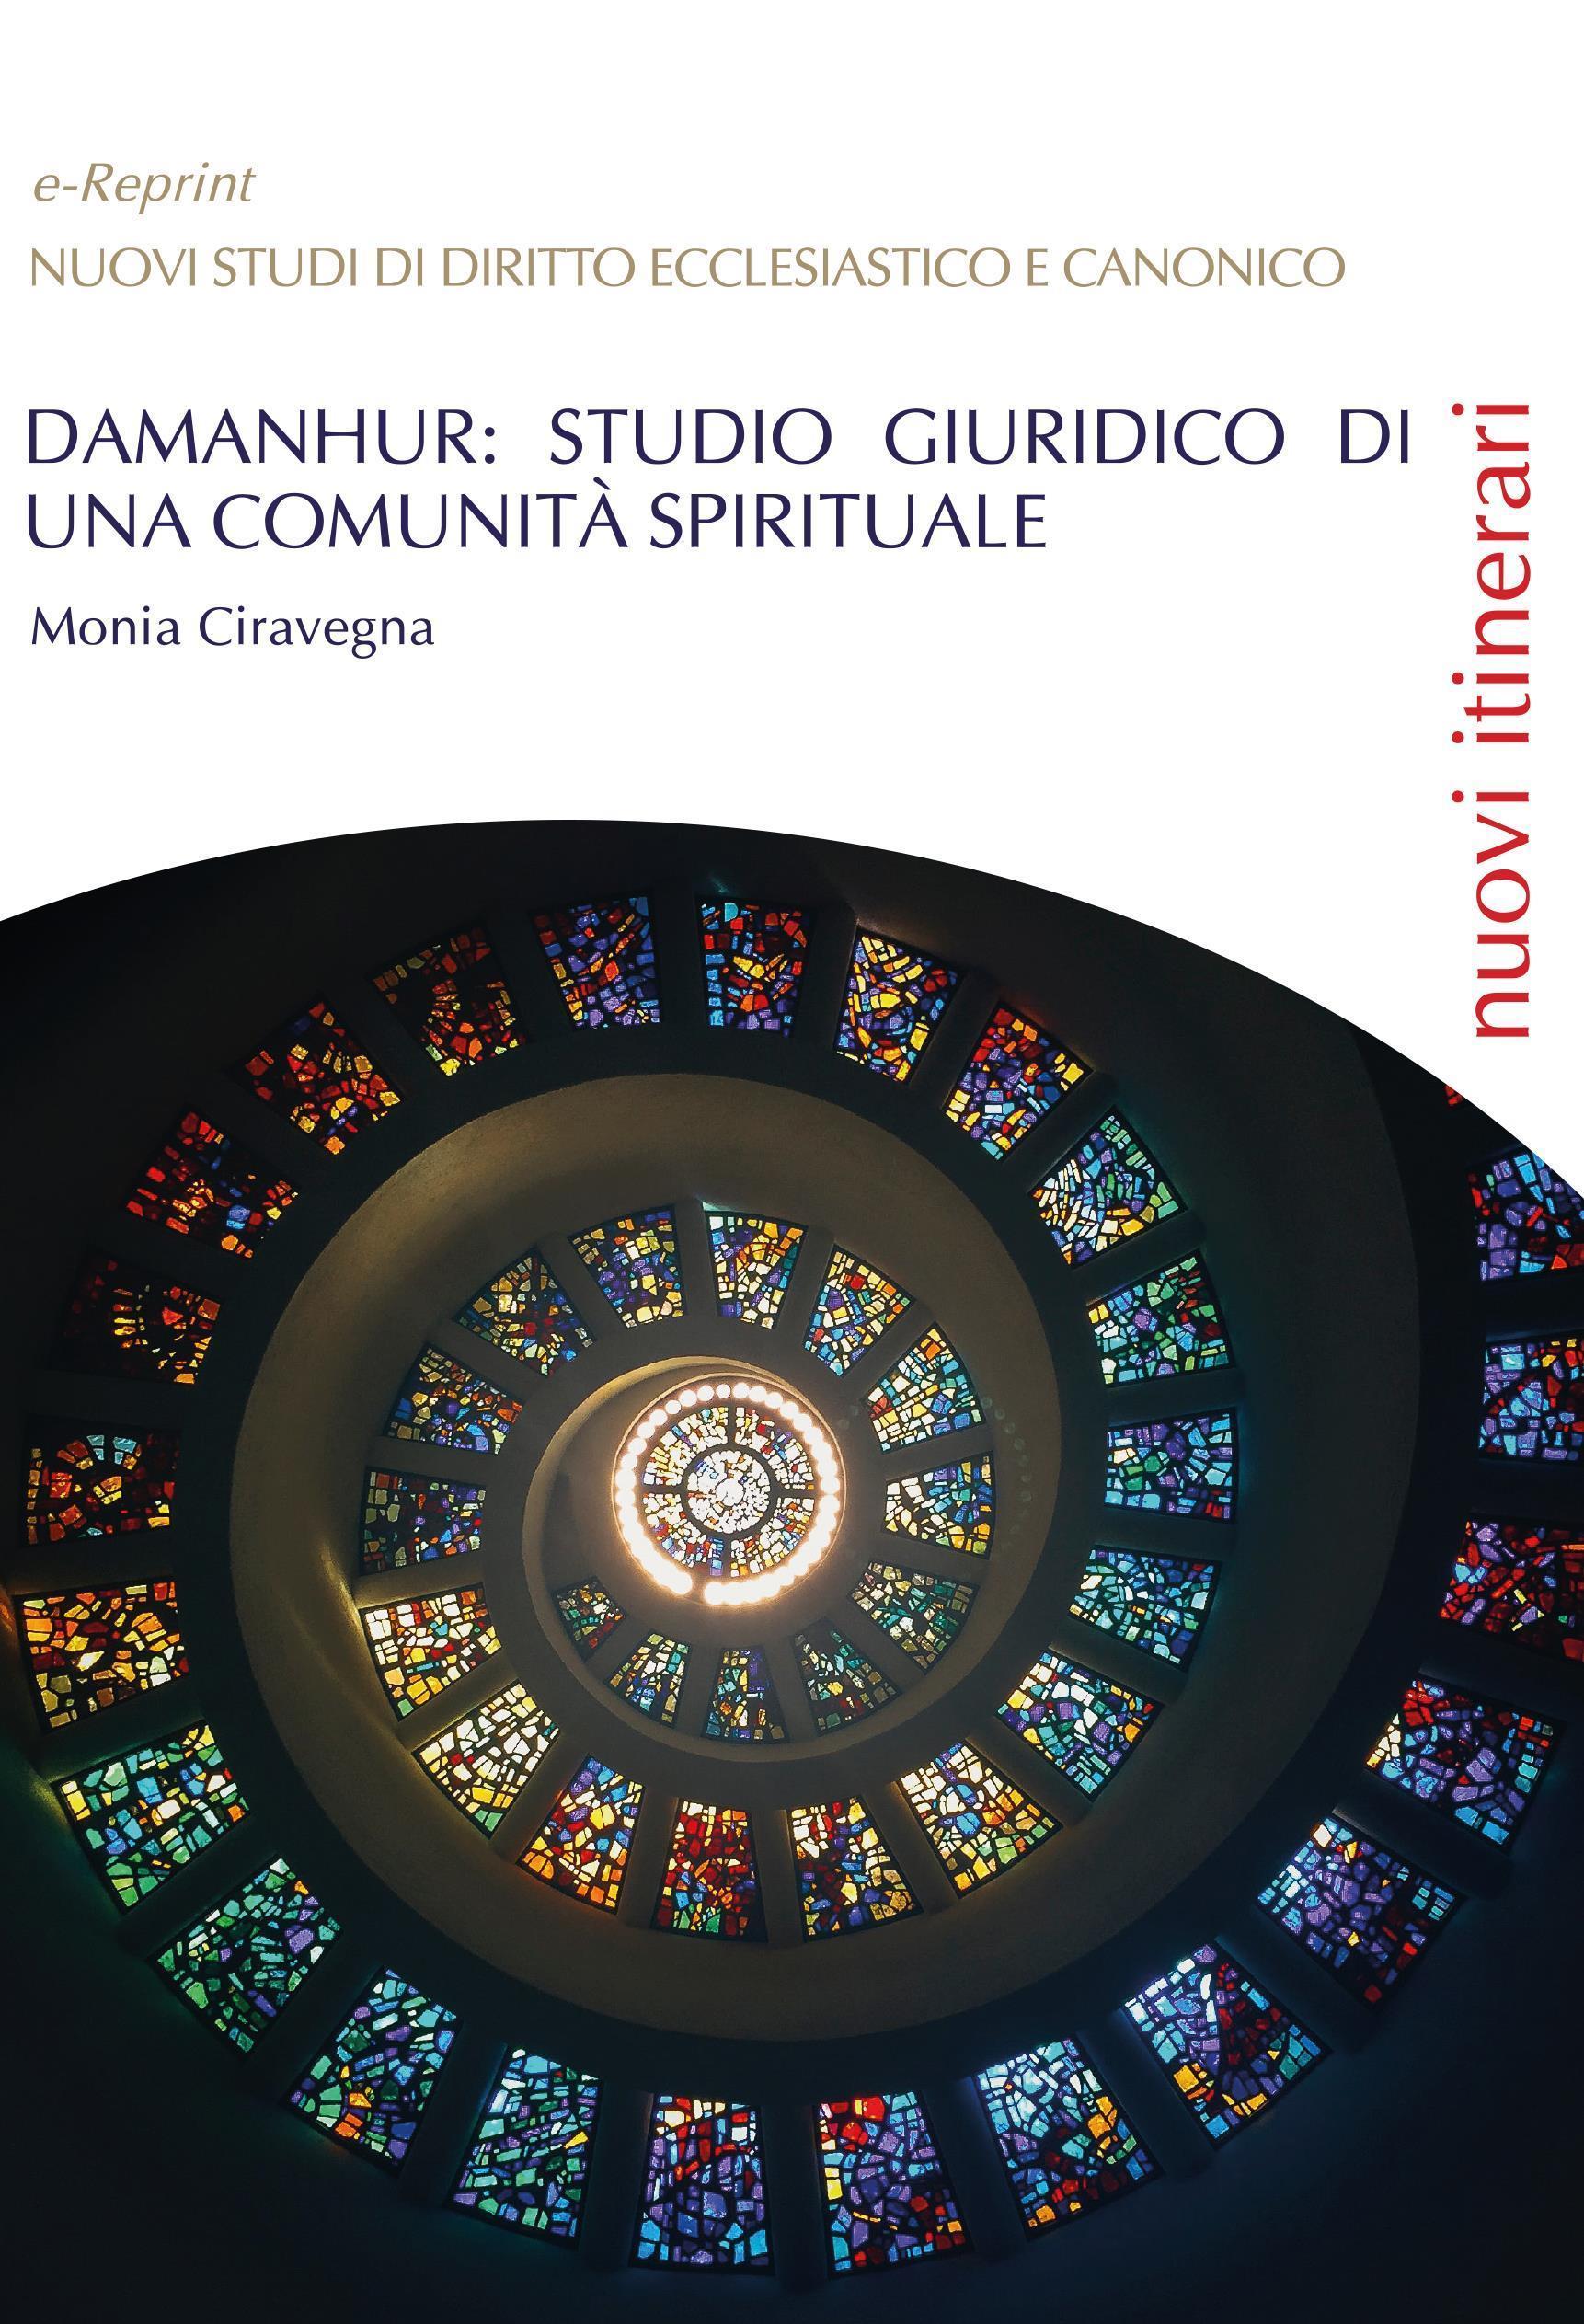 DAMANHUR: Studio giuridico di una comunità spirituale